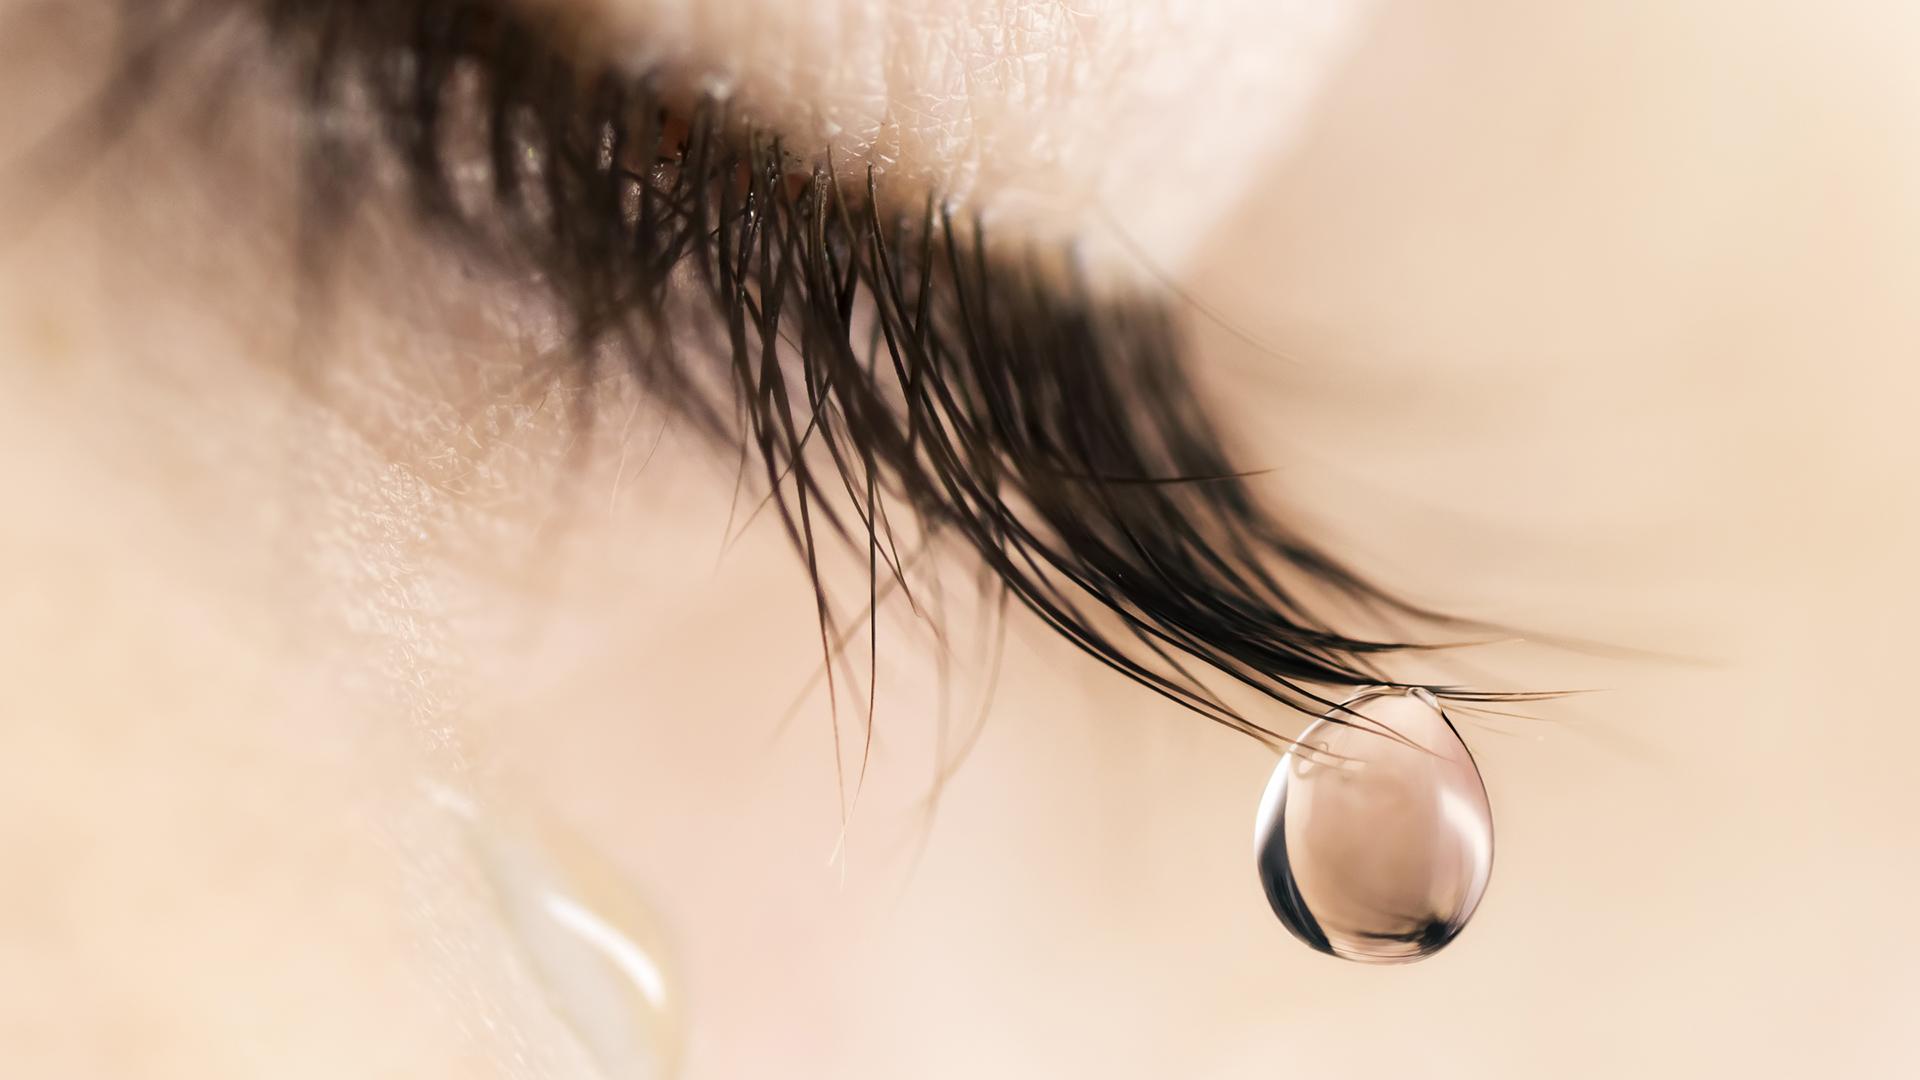 Los Tres Tipos De Lágrimas De Risa De Llanto Y De Pelar Cebollas